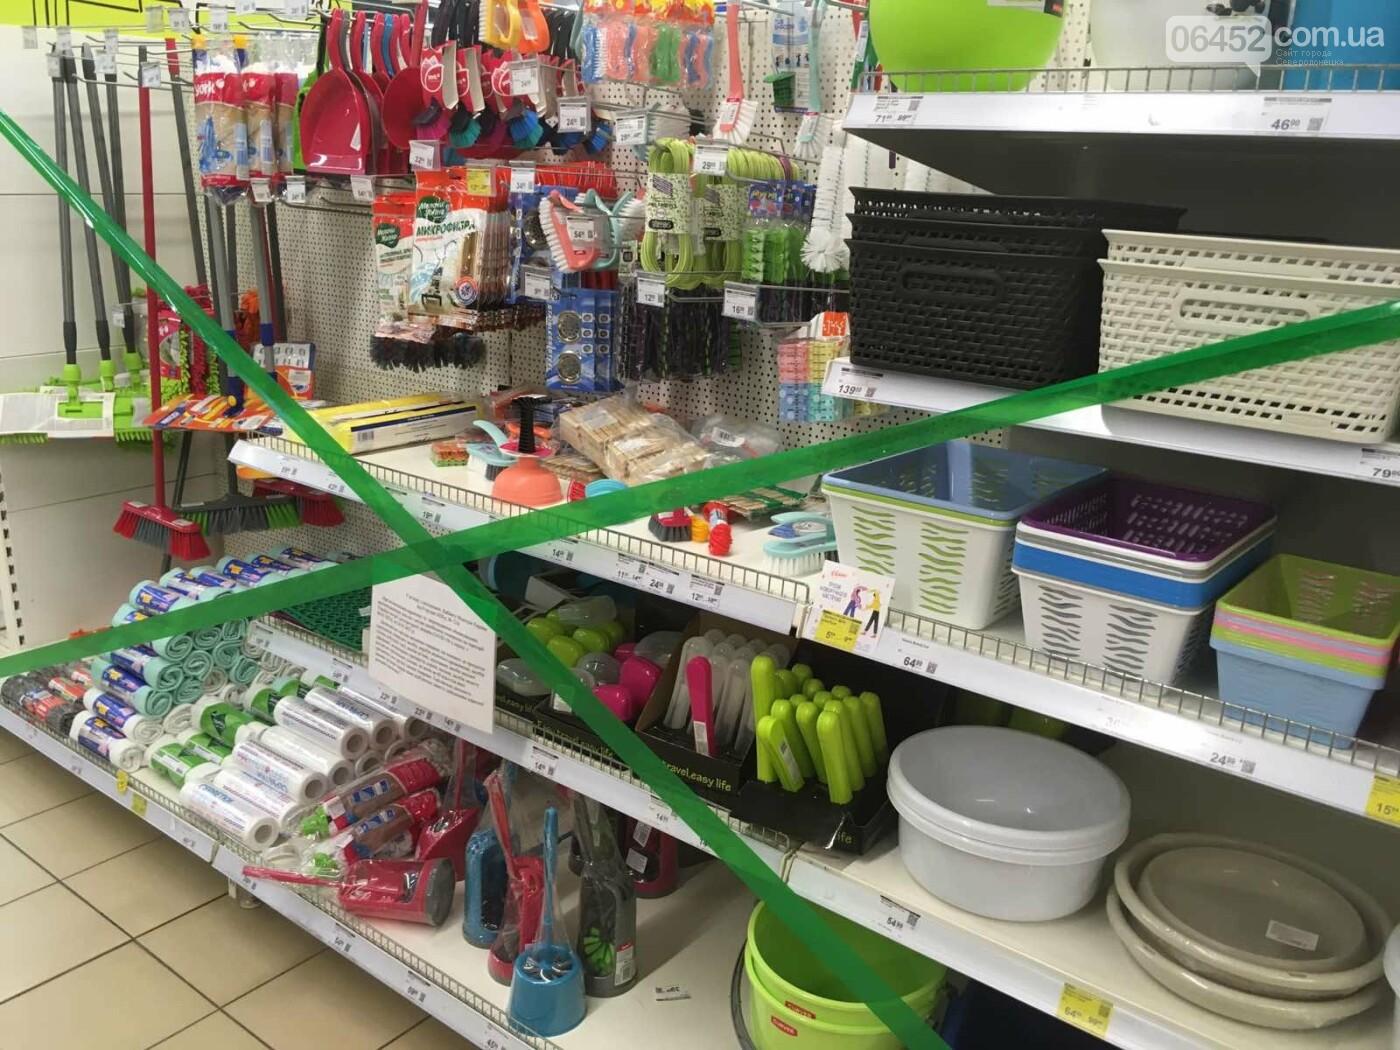 Локдаун в Северодонецке: что происходит в супермаркетах (фото) , фото-2